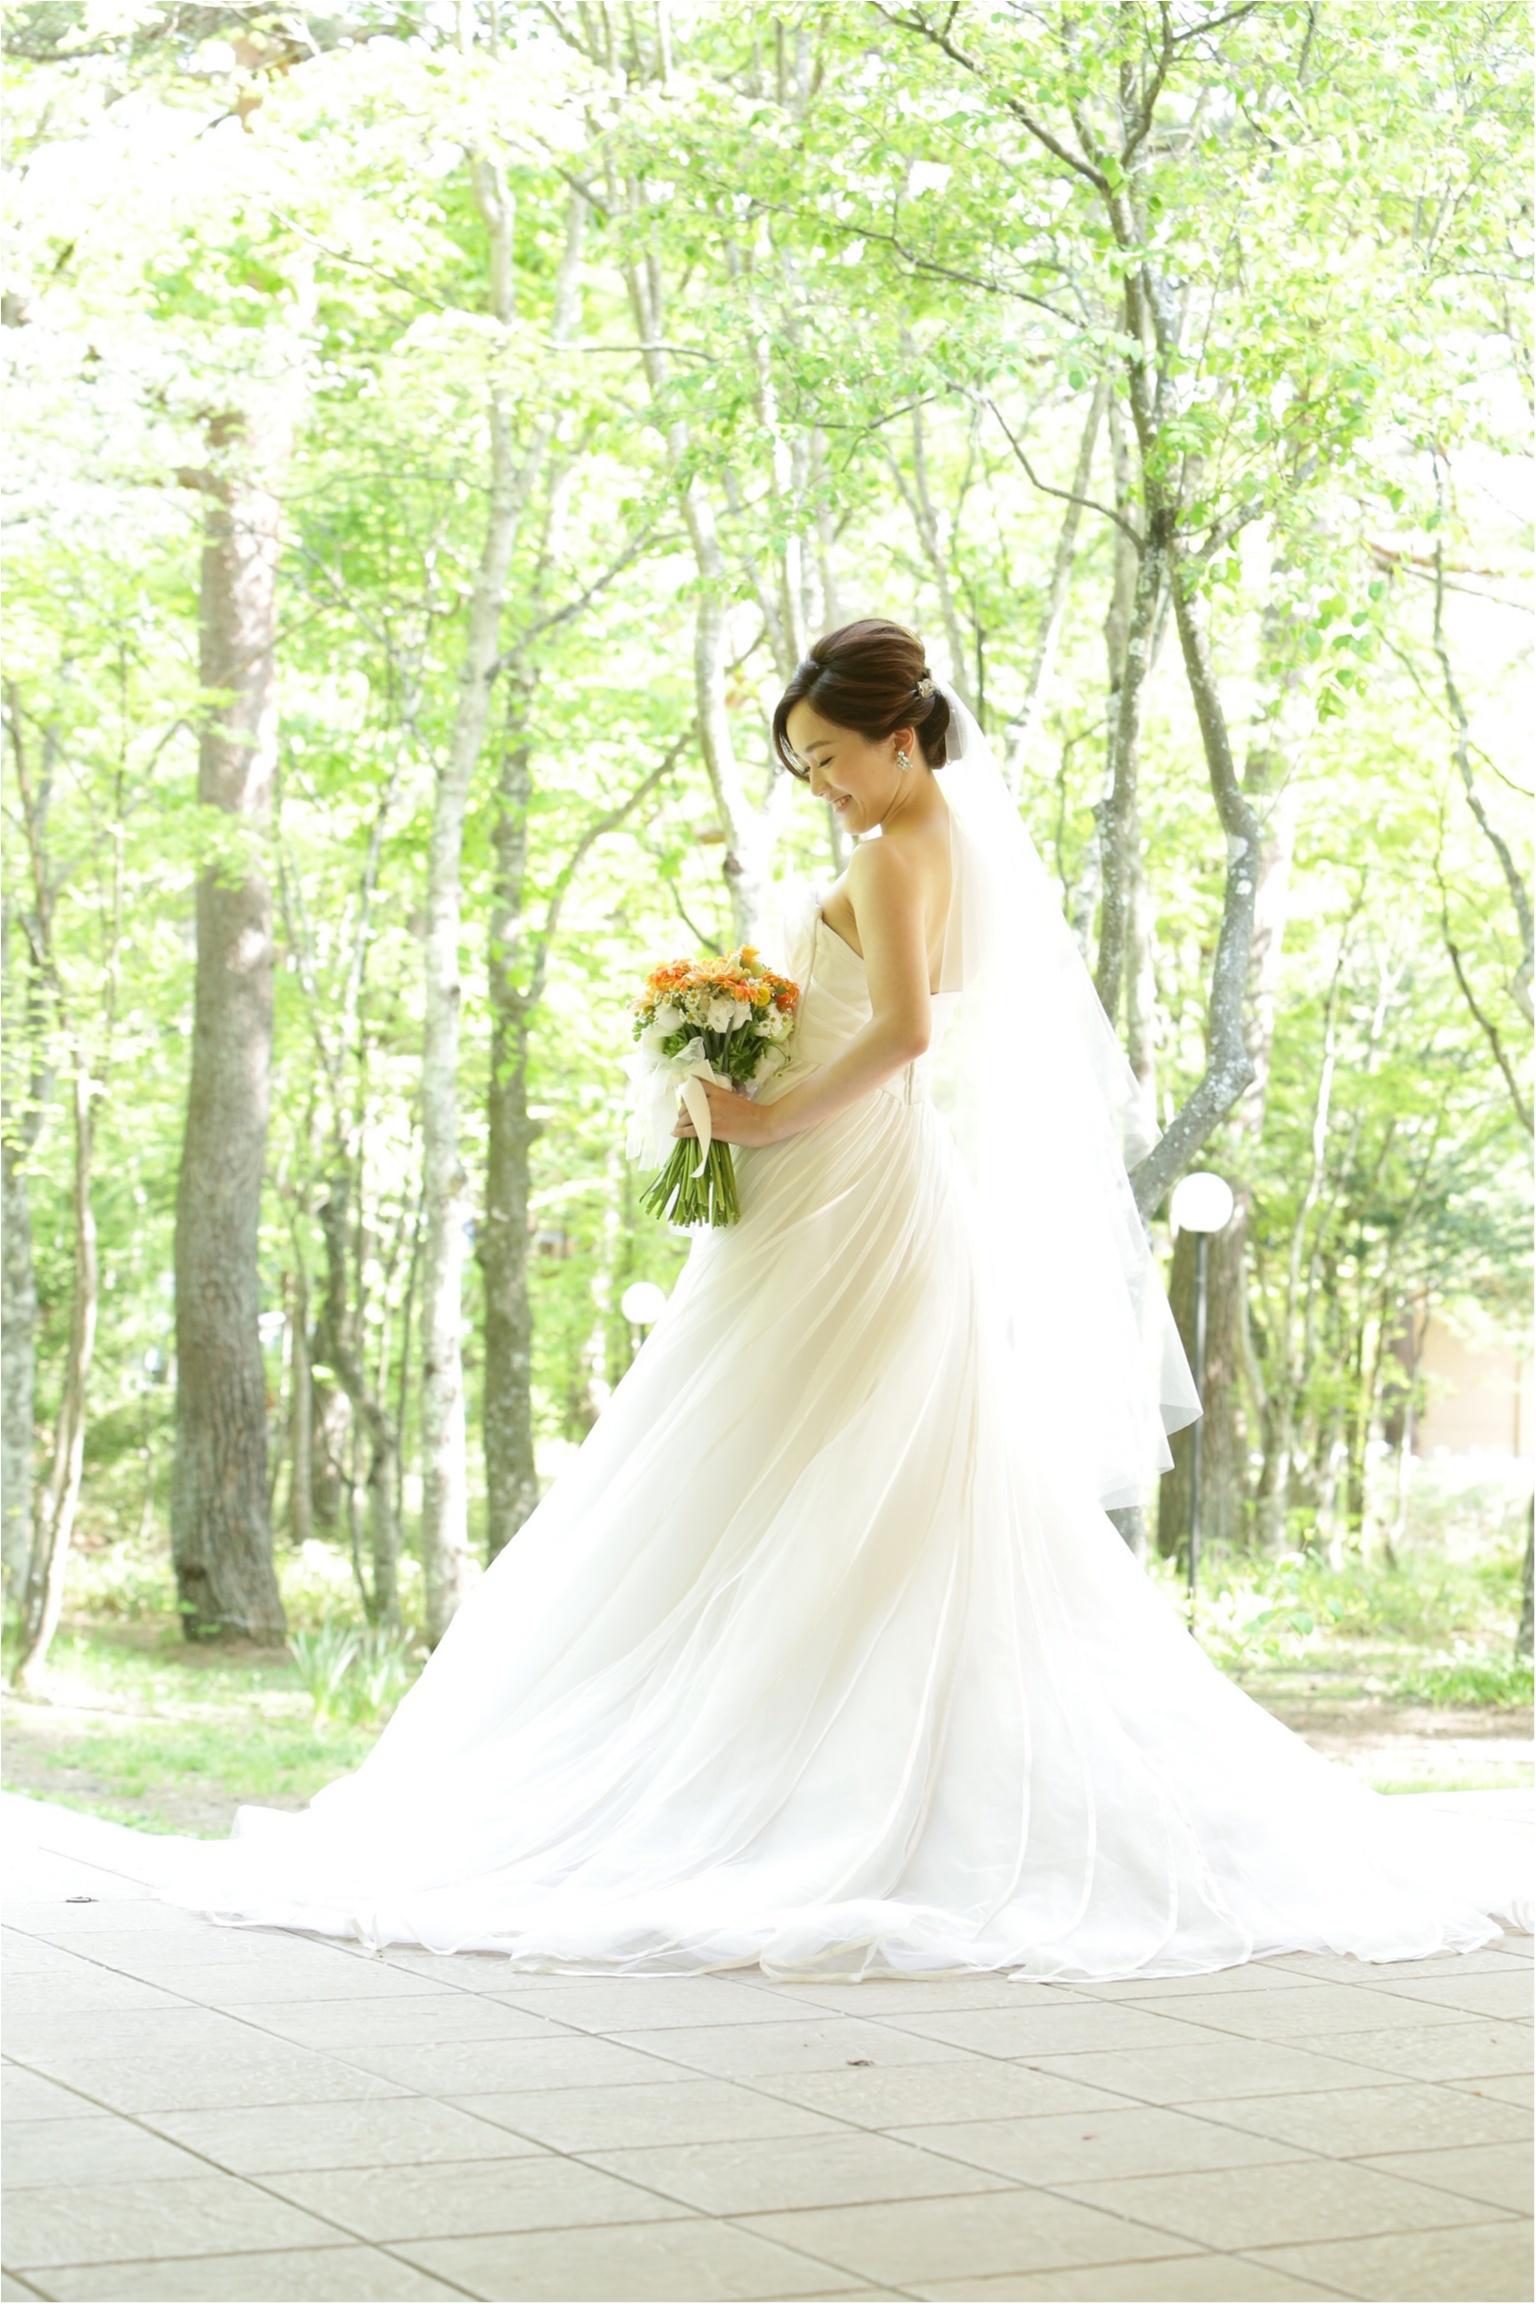 まるでCG!?なガーデンパーティ(軽井沢Weddingレポ③)_8